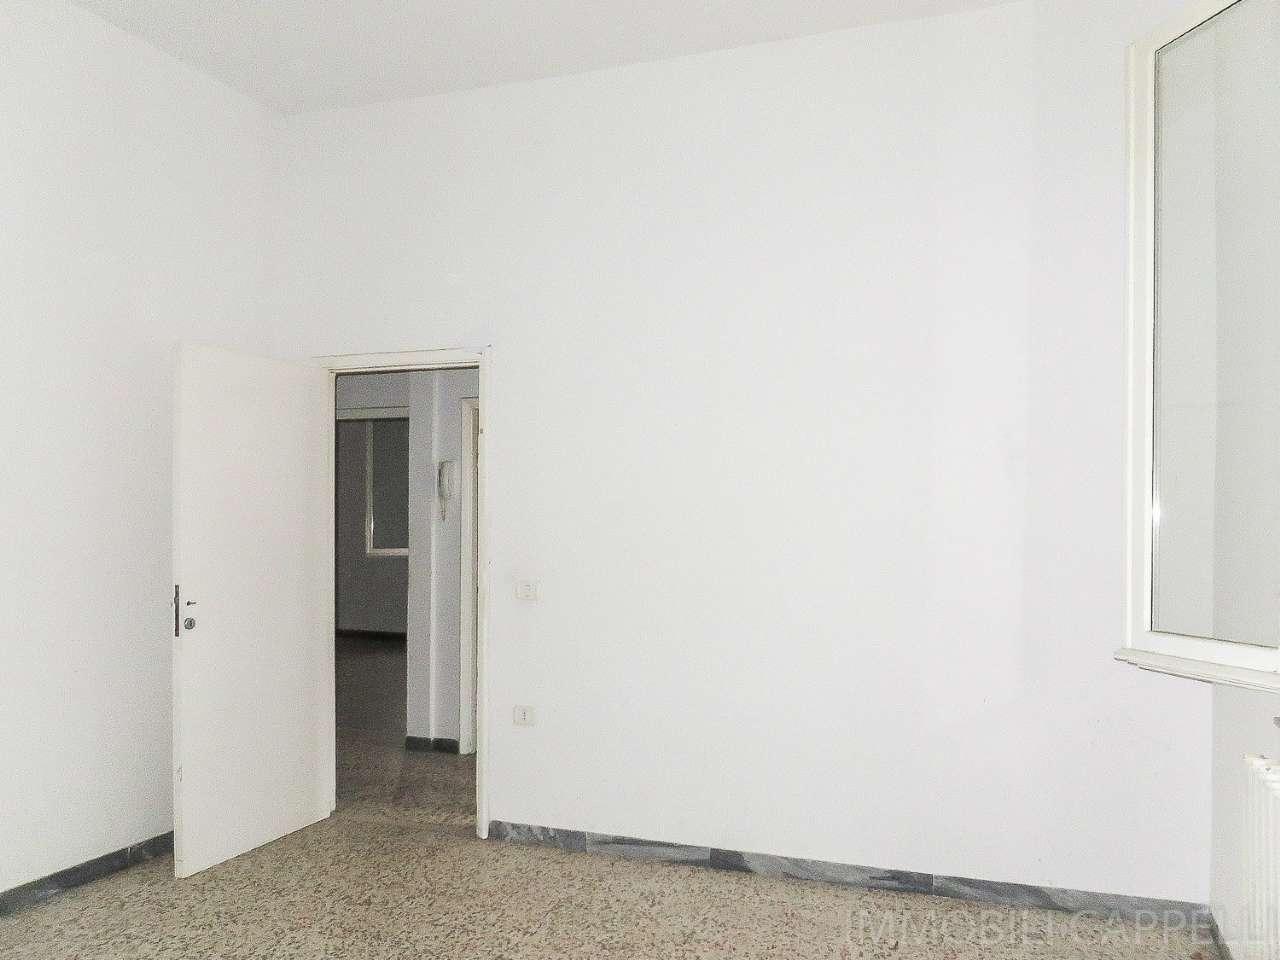 Forlimpopoli vendesi appartamento indipendente due camere